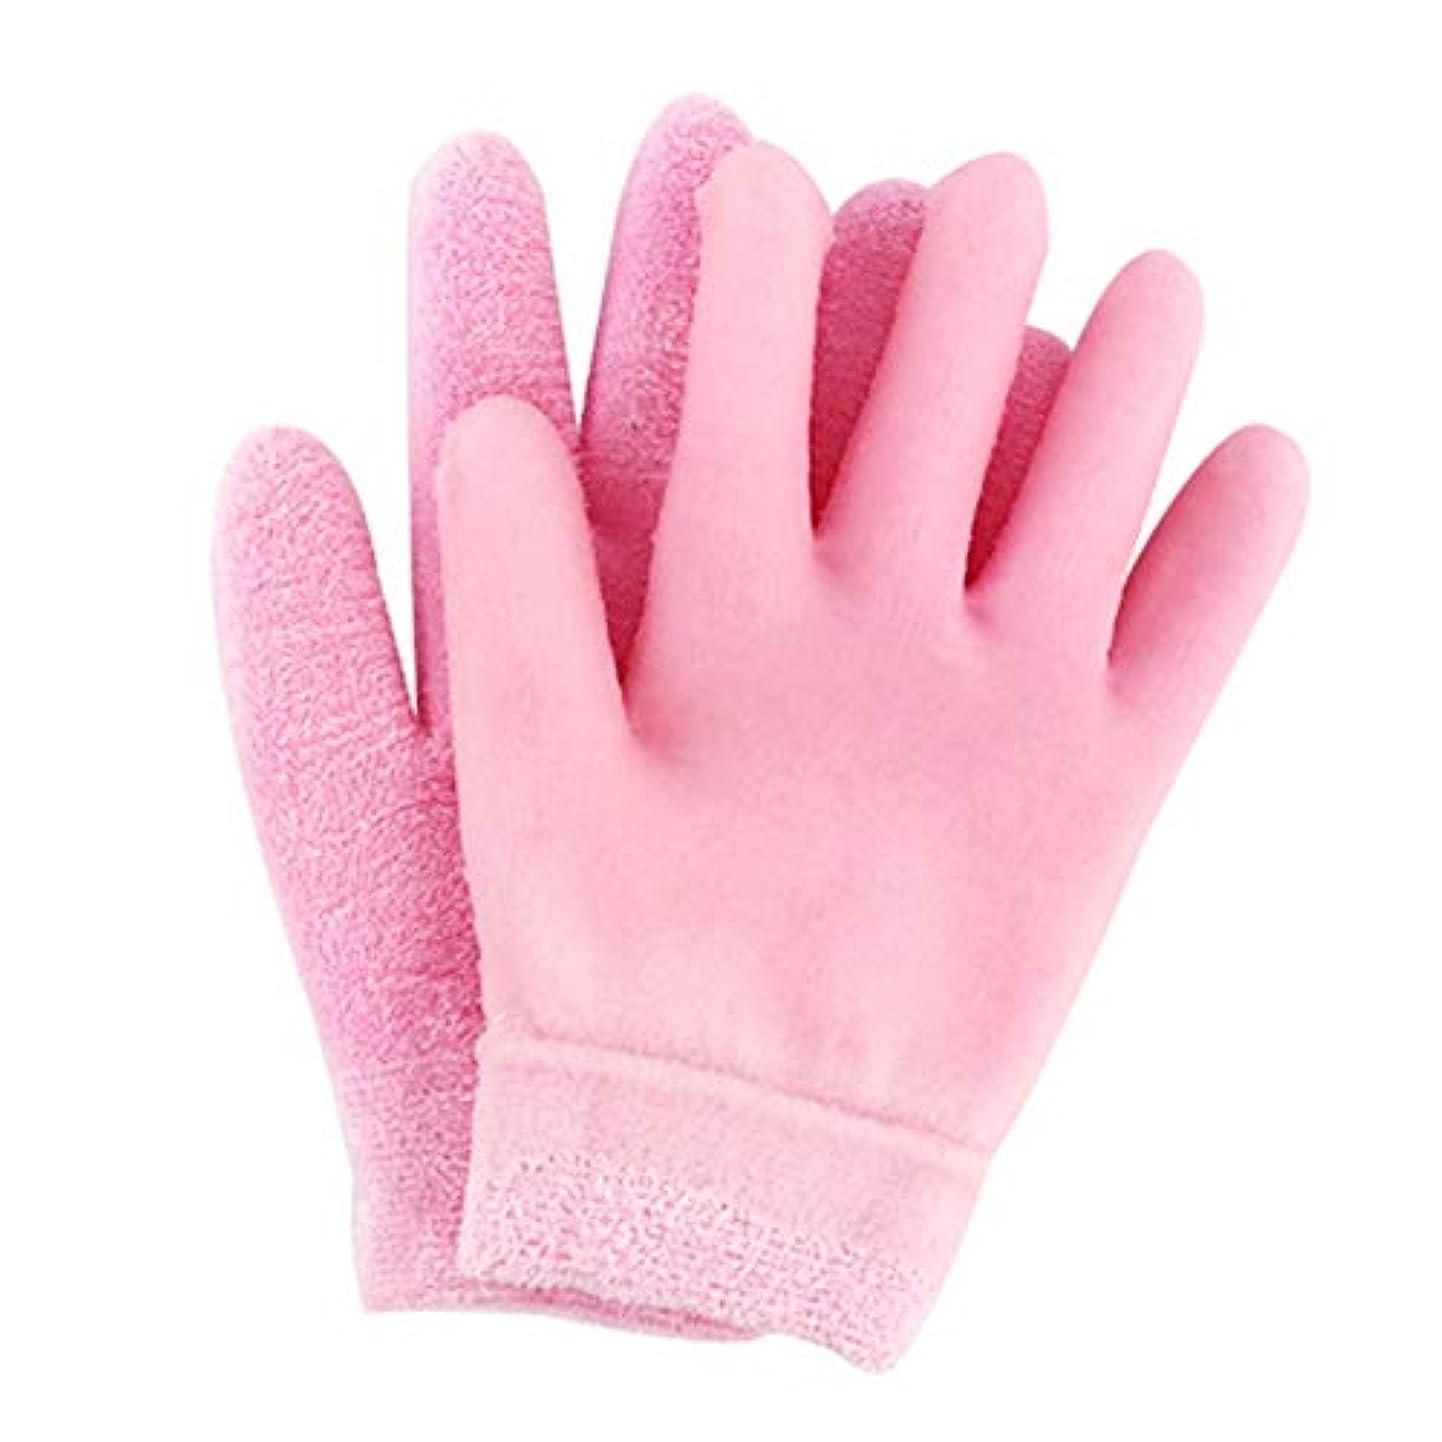 侵入死傷者上へ美容 保湿 手袋 ハイドロ ジェル グローブ 手荒れ対策 フリーサイズ